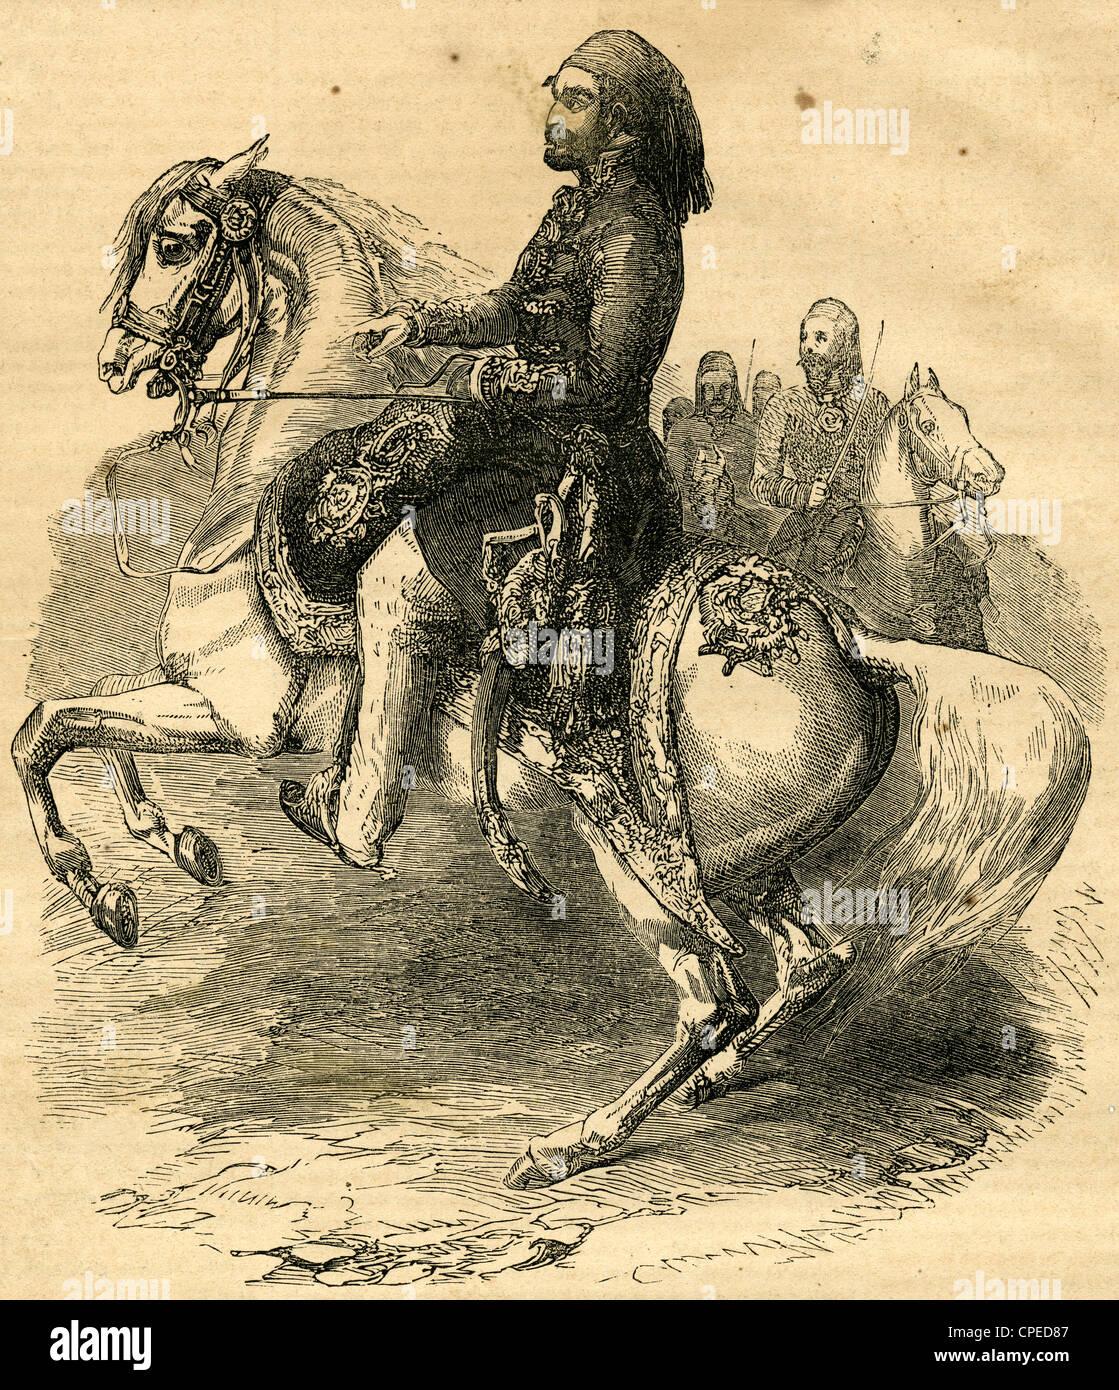 1854 Grabado, retrato ecuestre de Omar Pasha, Comandante de las fuerzas turcas. Foto de stock